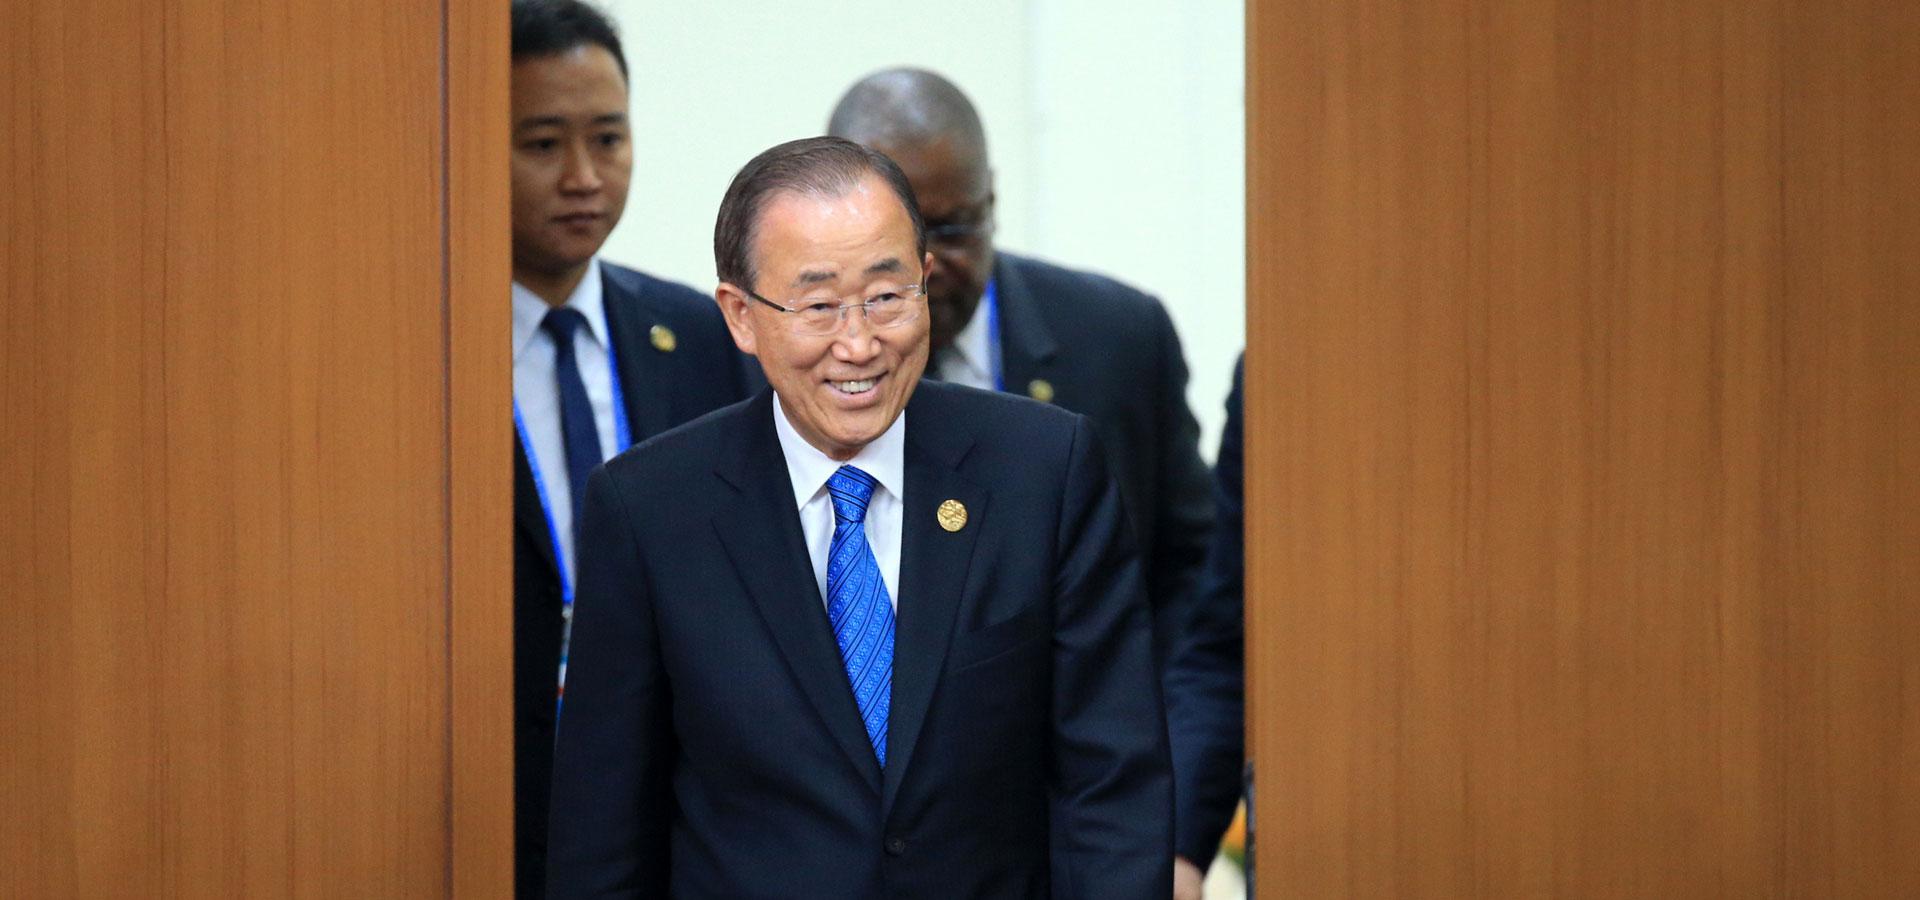 聯合國秘書長潘基文舉行新聞發布會